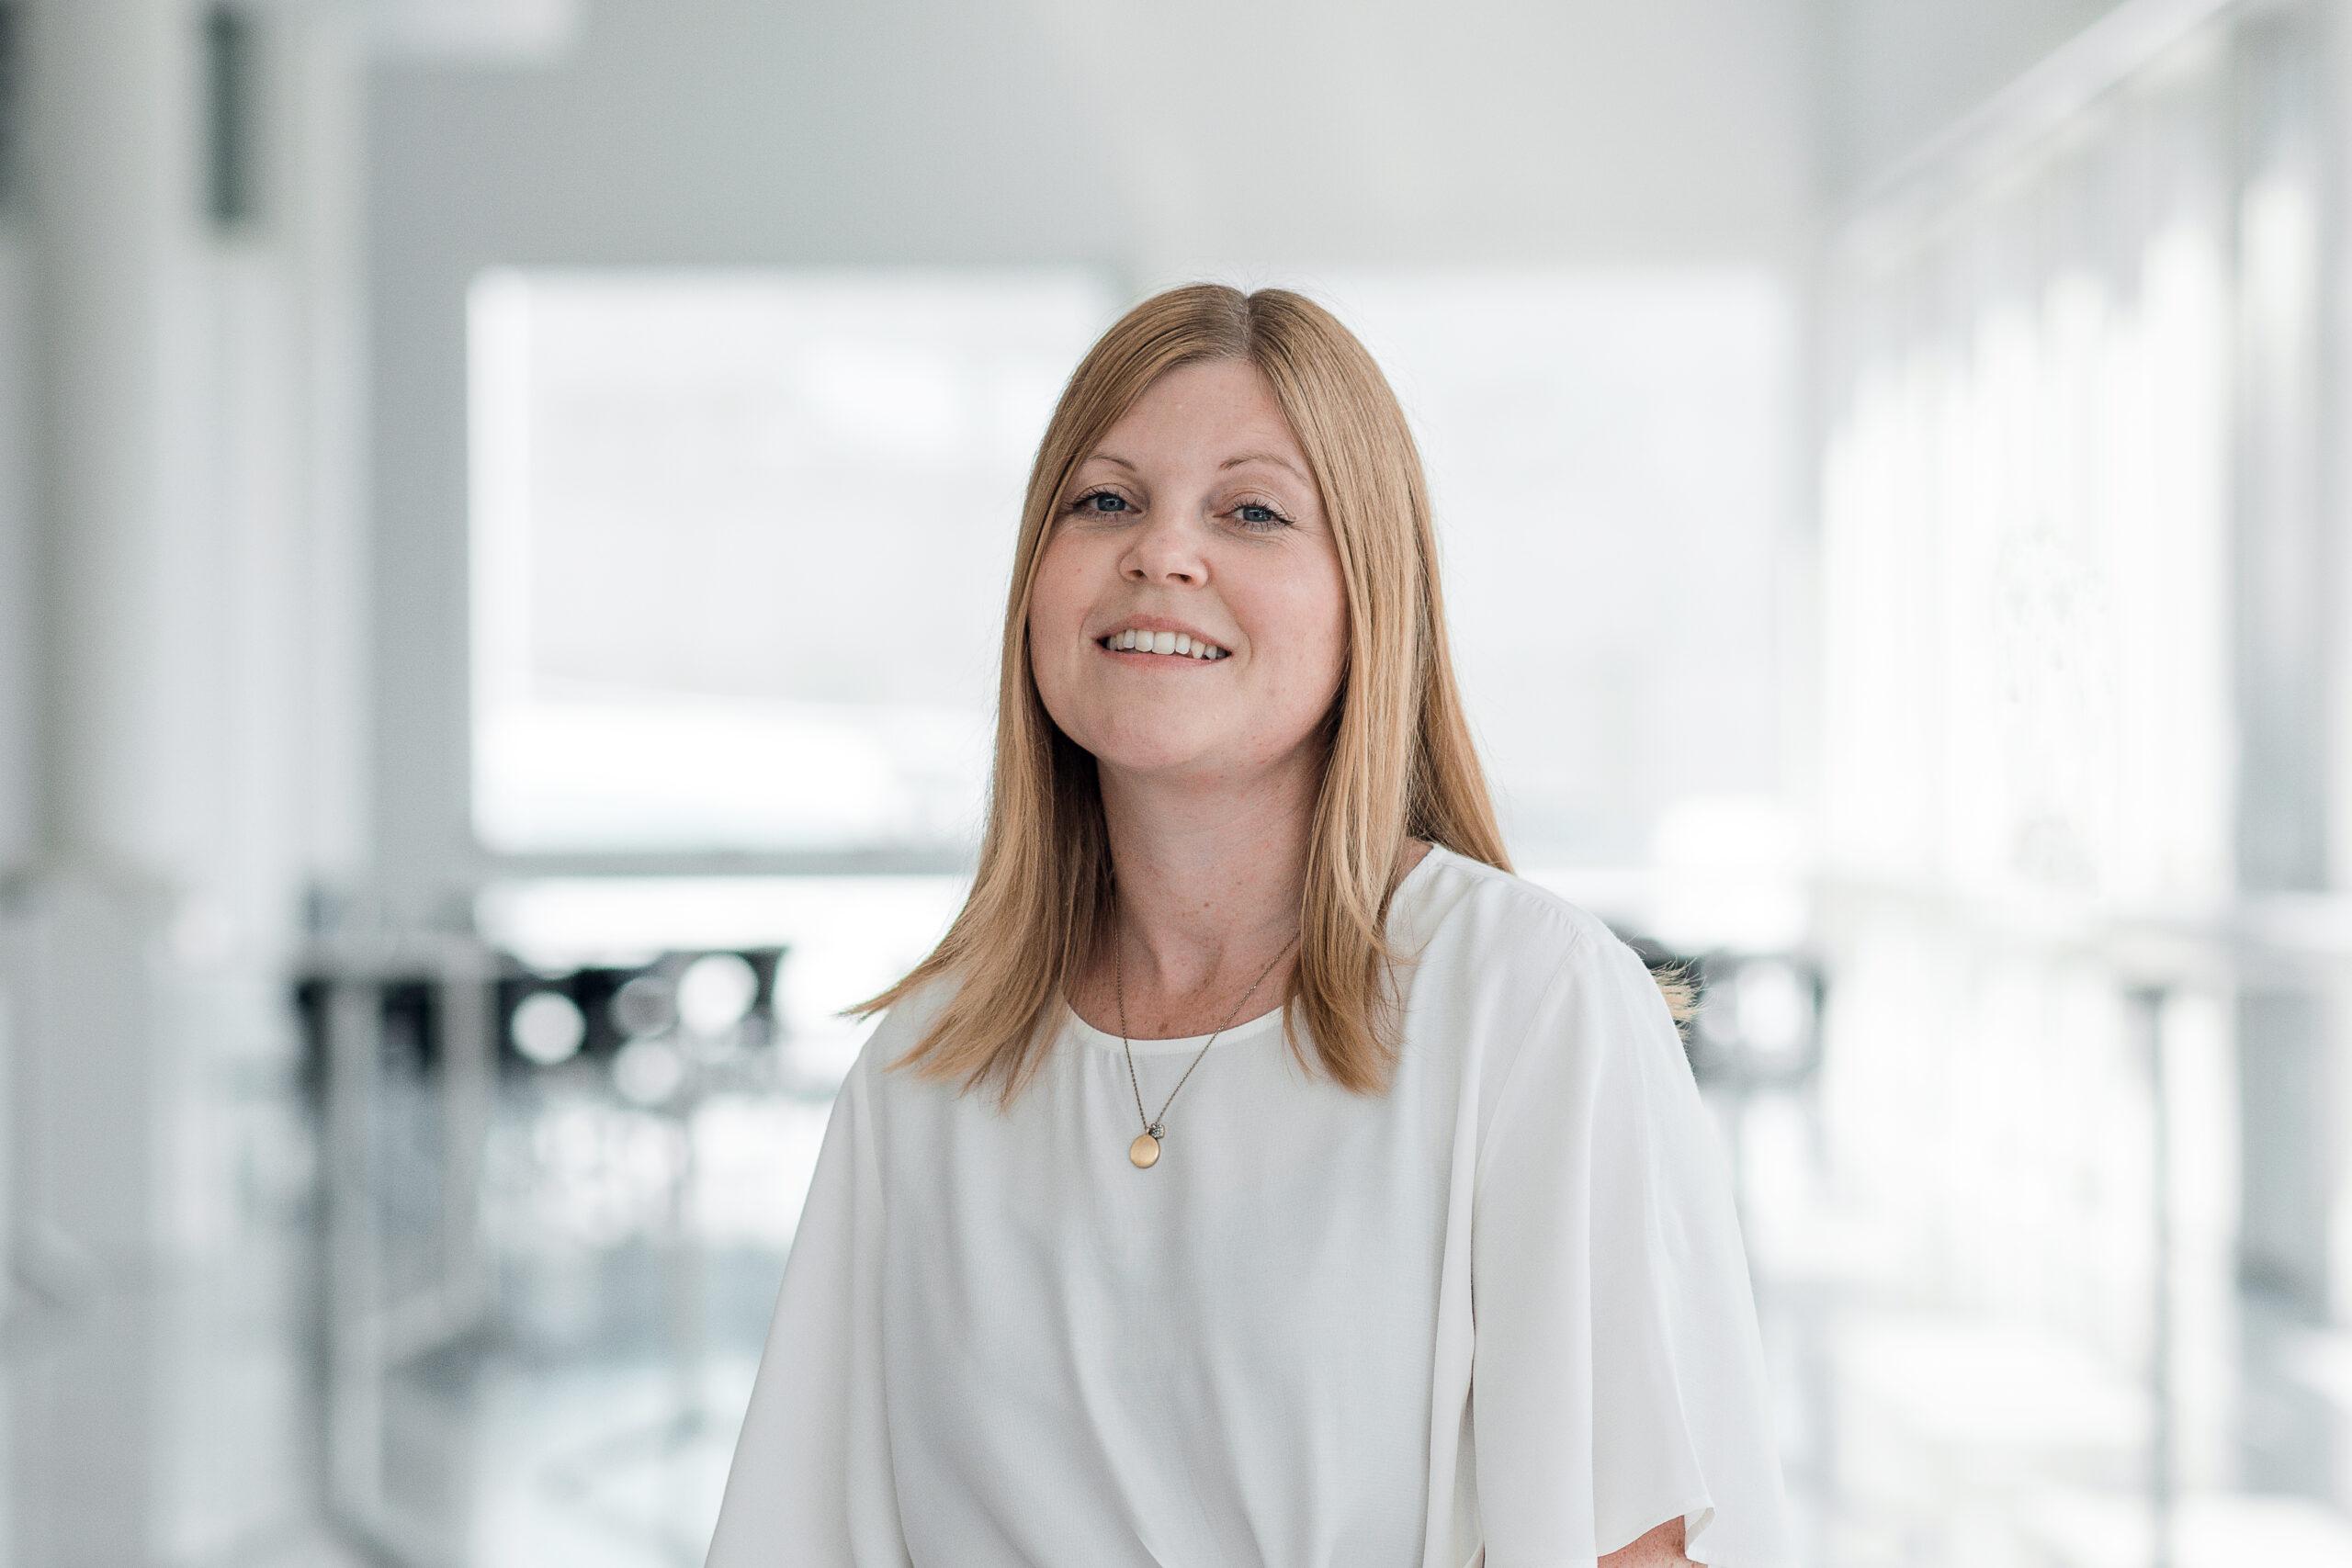 Jag upplever att det varit ett blandat intresse att delta, kommenterar Helena Åhs, mässansvarig för Elmia Subcontractor Connect. Foto: Pressbild